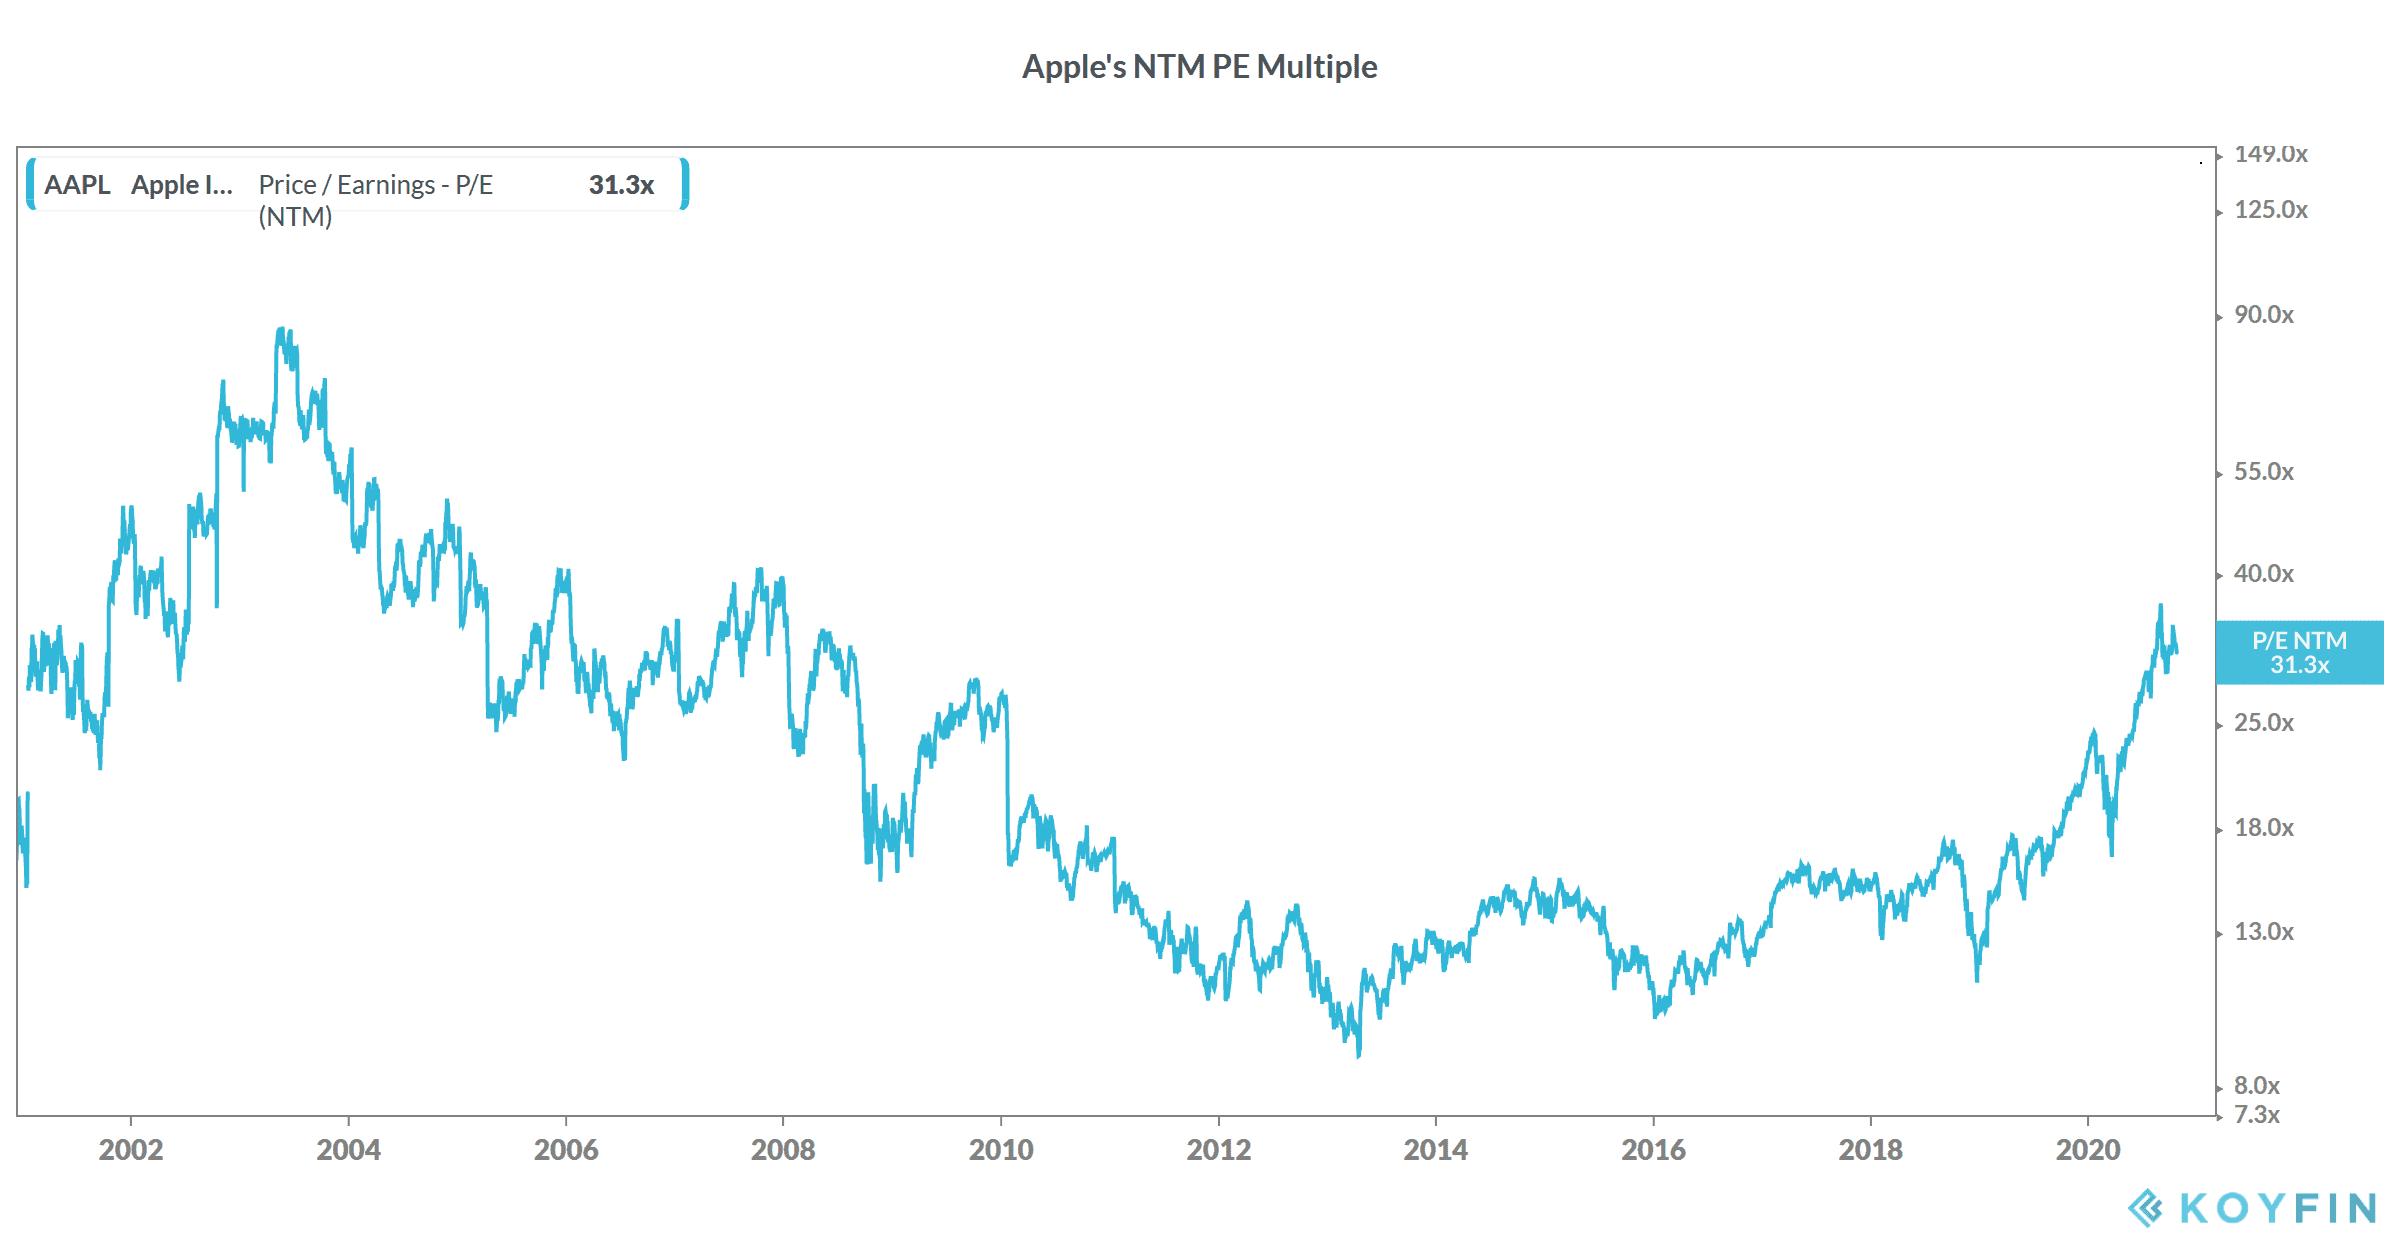 Apple stock valuation